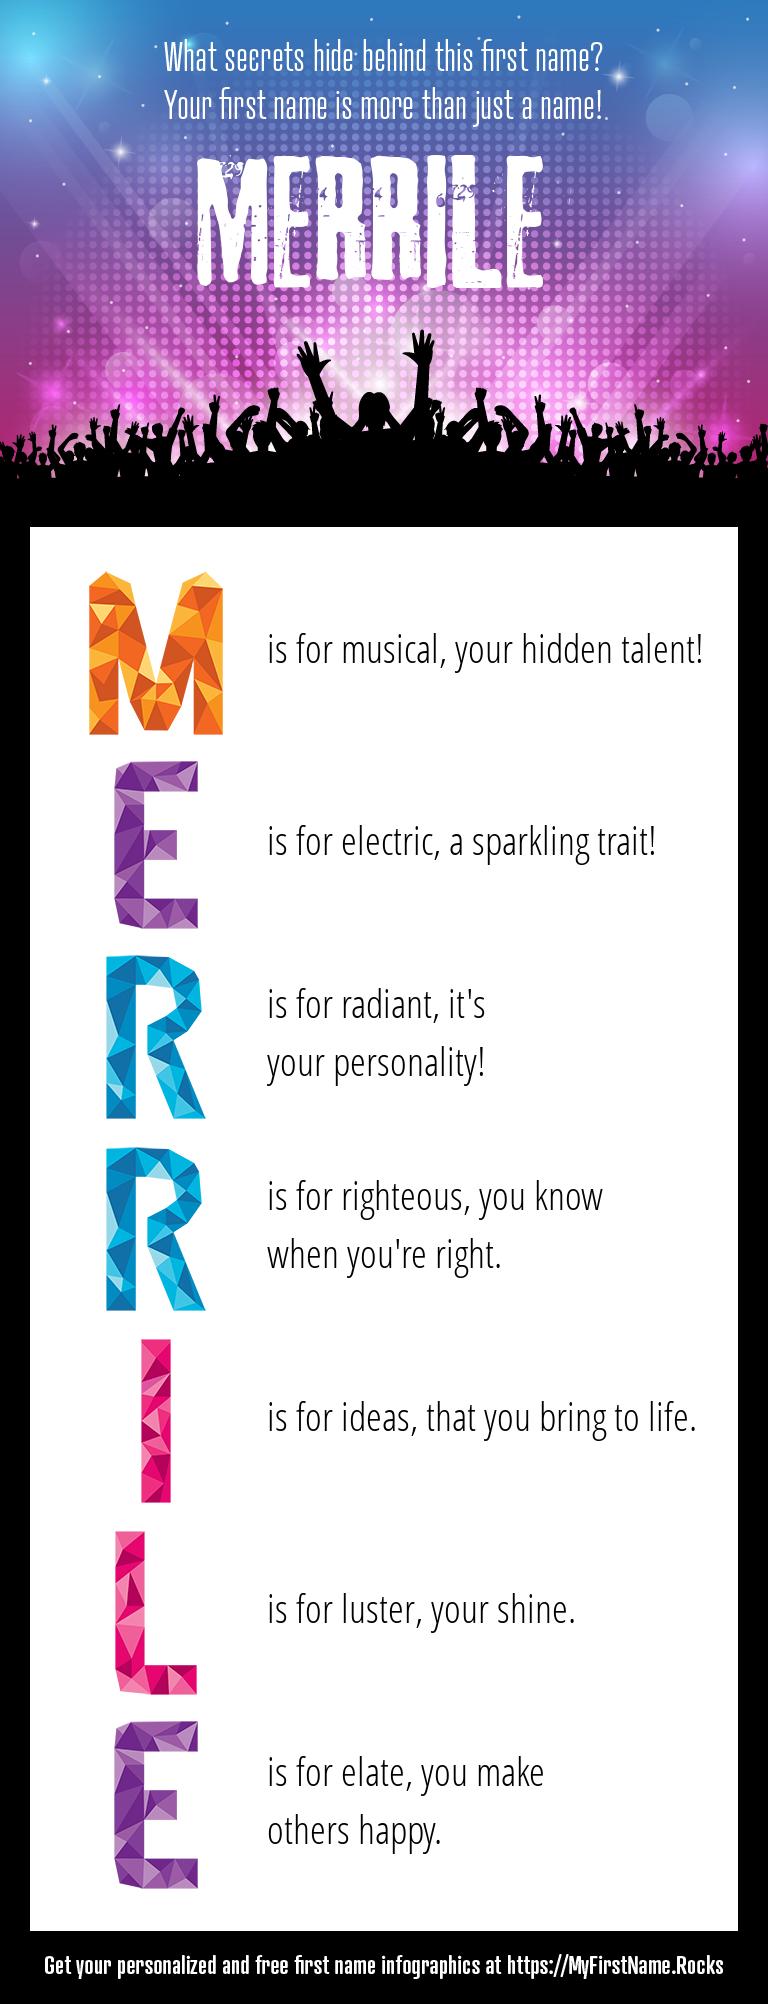 Merrile Infographics